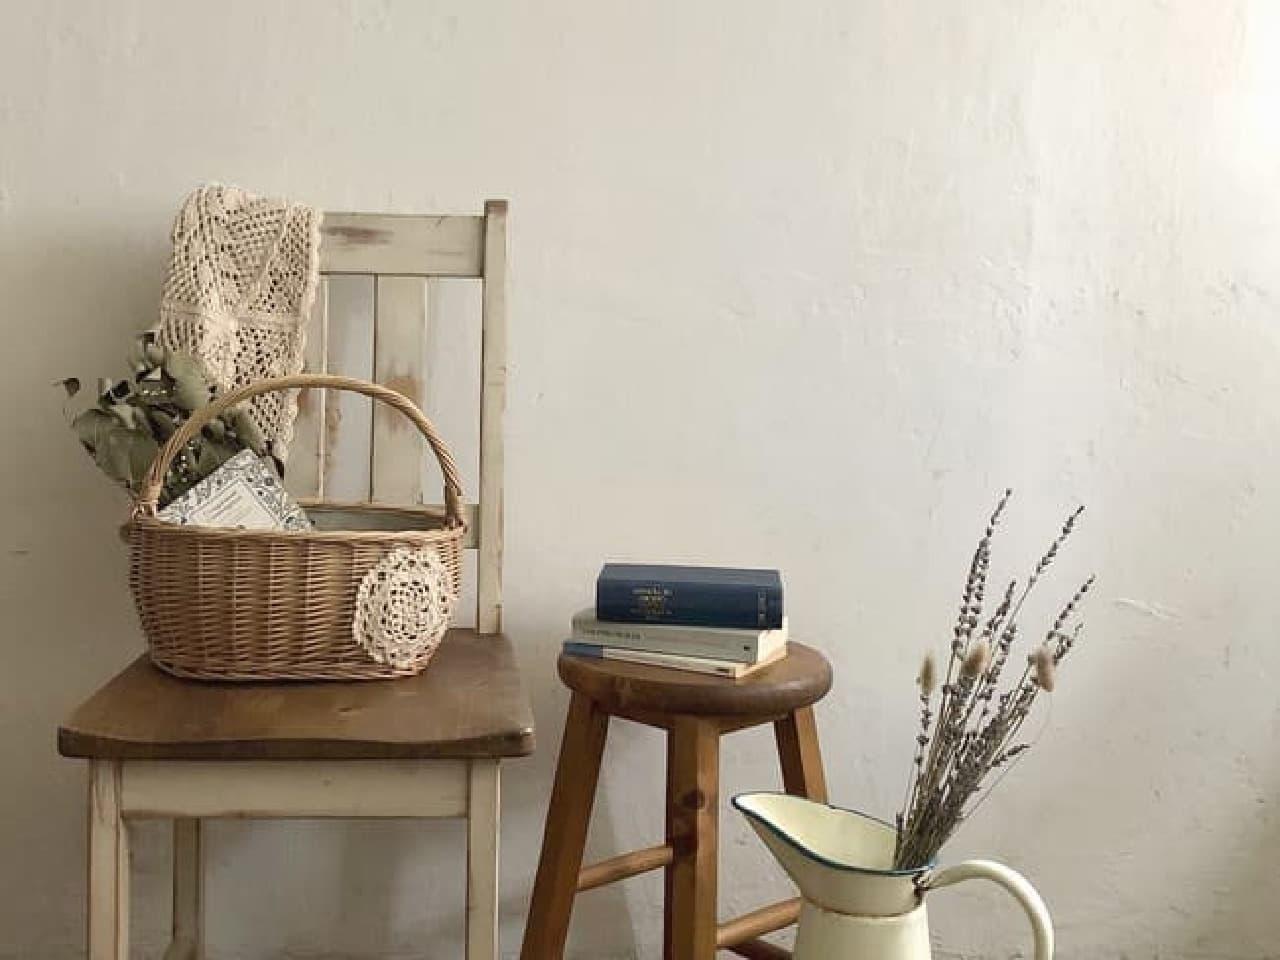 「salut! ジュートバッグBOOK」発売 -- インテリア雑貨サリュ初のオフィシャルブック